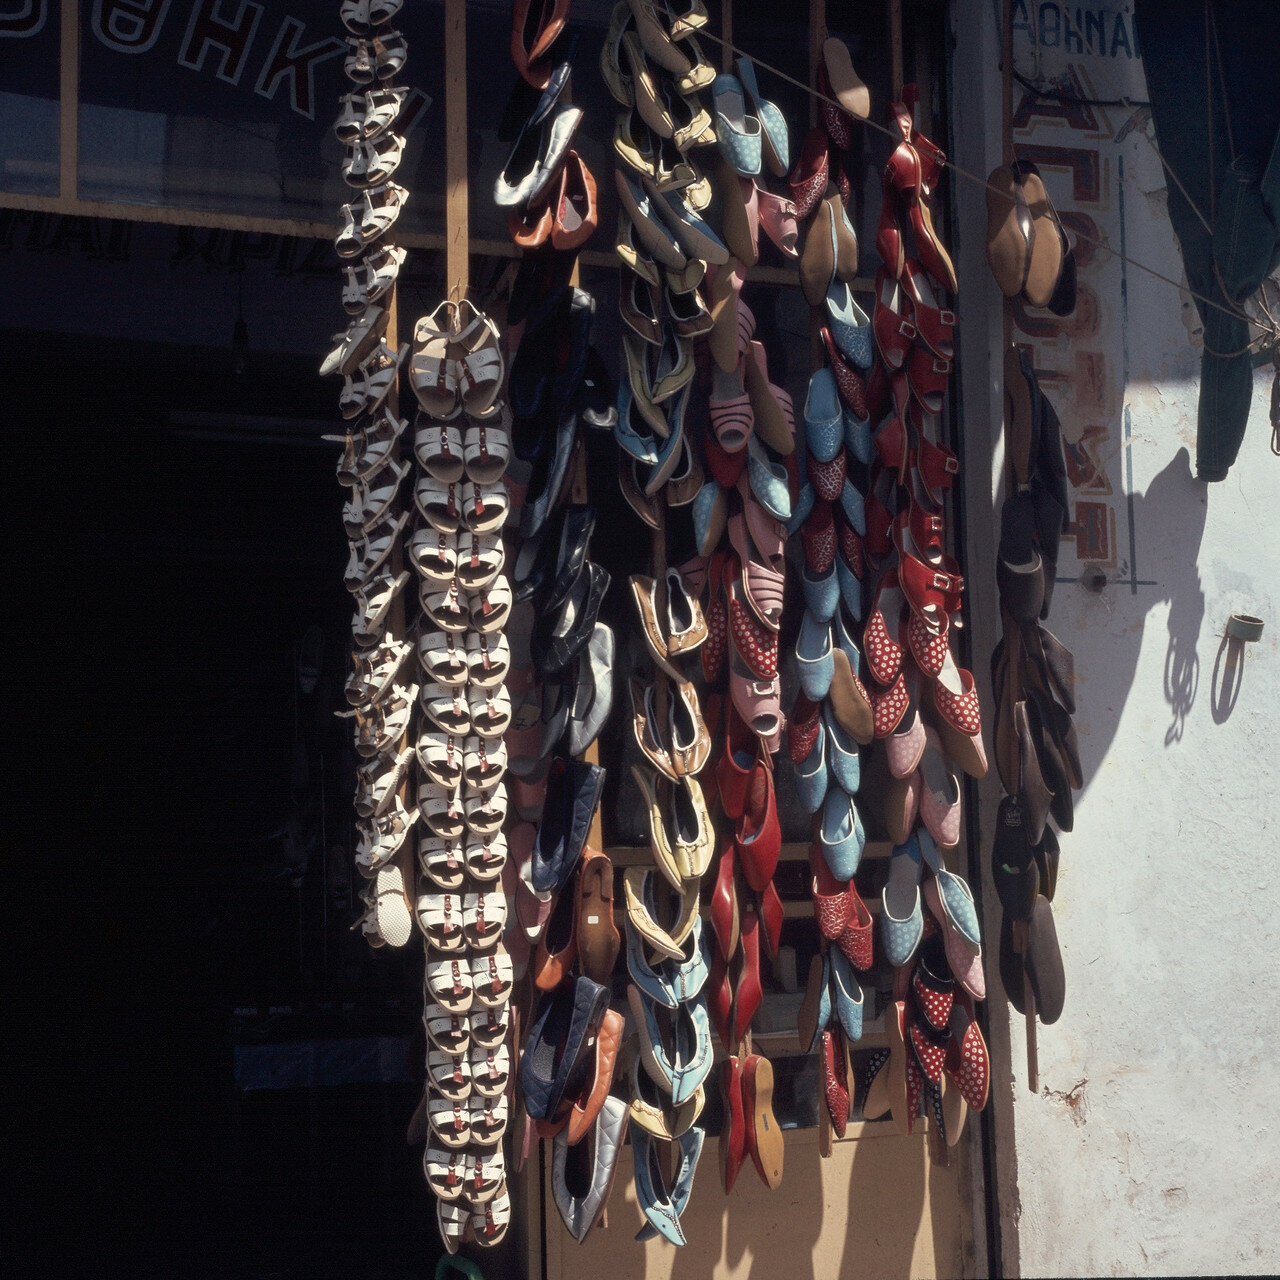 Ханьи. Магазин в Старом городе, 1968.